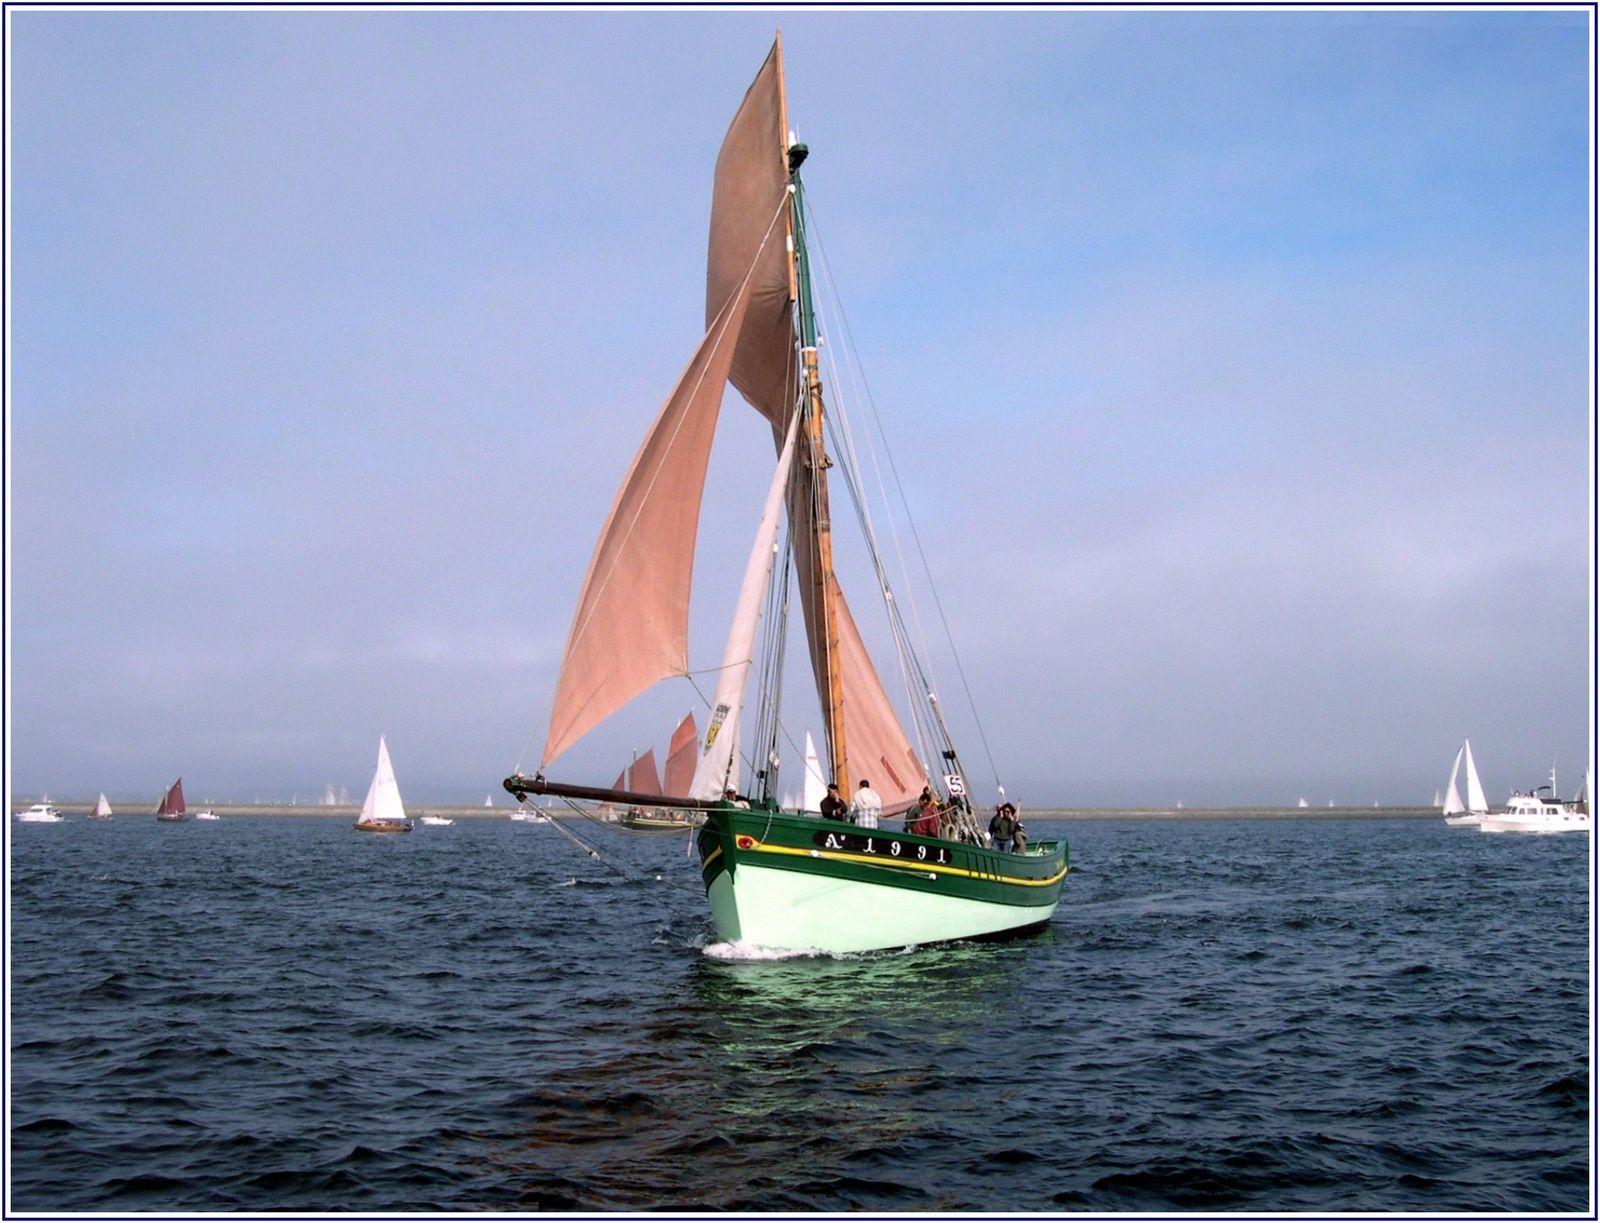 021s  Rencontres bateaux au fil de l'eau, 5ème, photos © GeoMar, CAP SIZUN, ALKYONE, CHRISTELLE MIKAEL, BELEM, SOLWEIG, SKREO OVNI 345, LA BARCAROLLE, SEDOV, LA RECOUVRANCE, SKELLIG, GRAYHOUND, SLOR 1918 de Johan Anker, CAT KER Garcia, MEANDER,